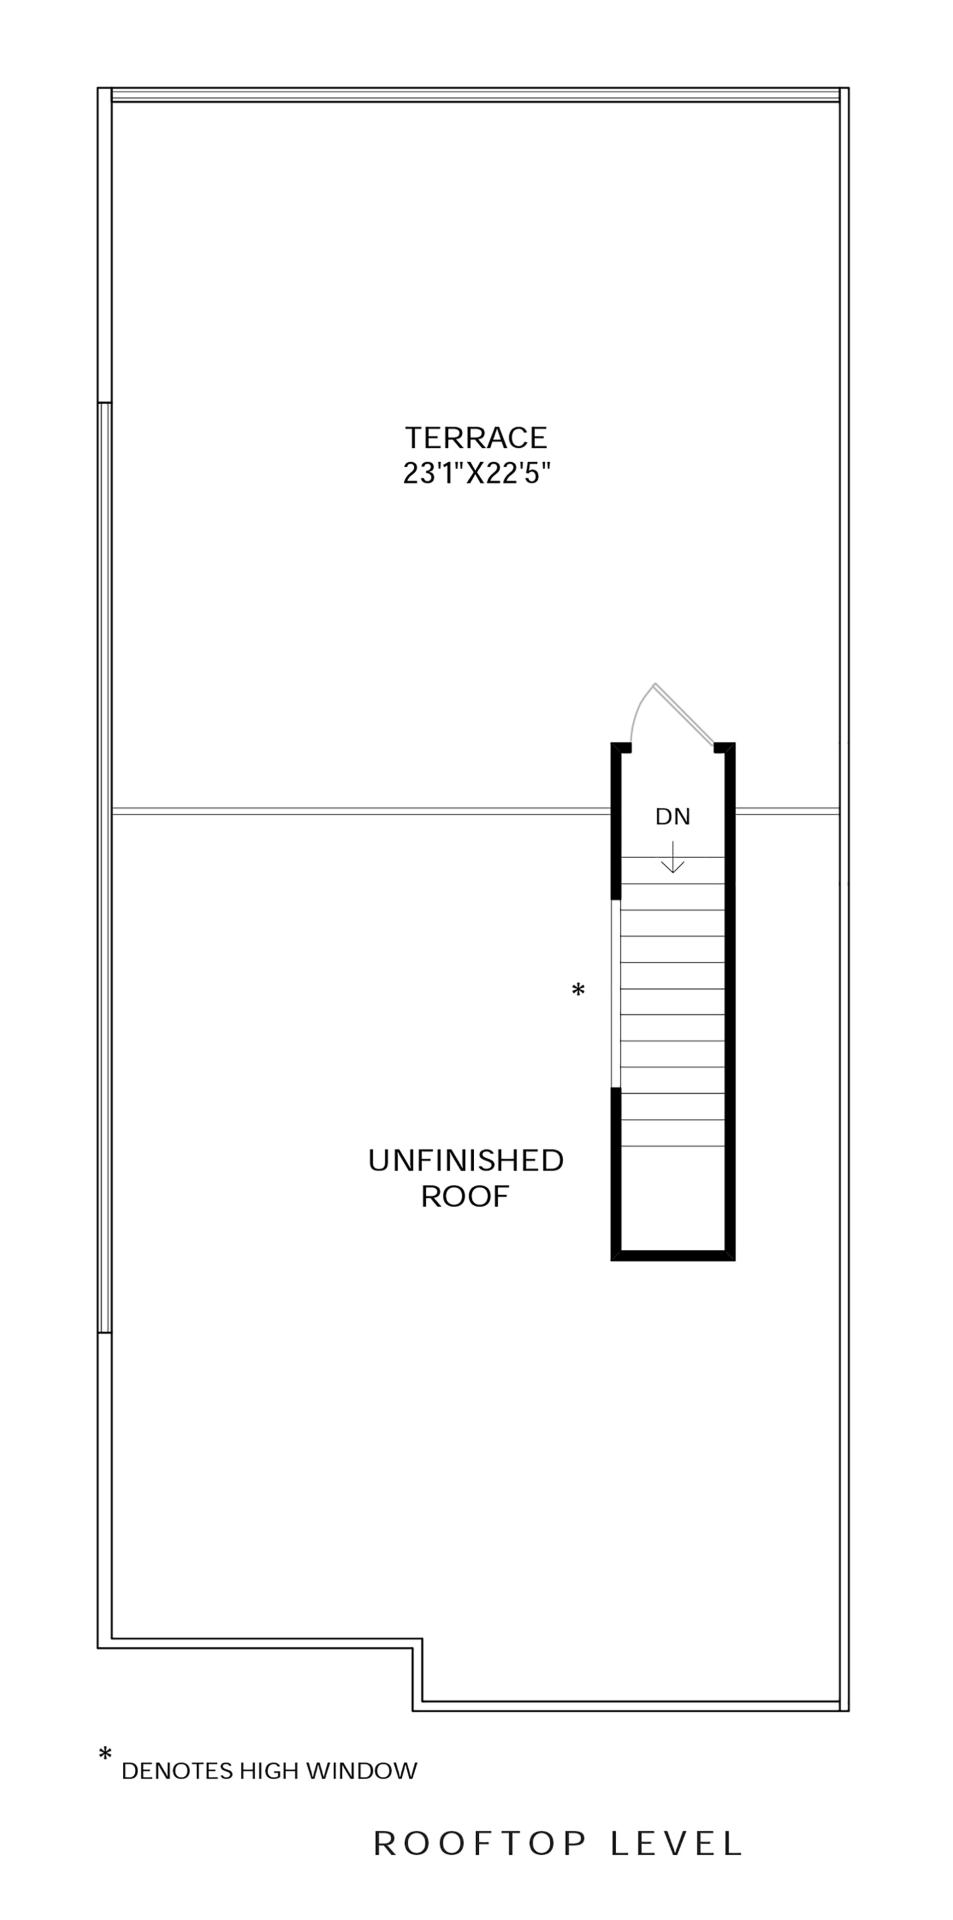 Rooftop Level Floor Plan